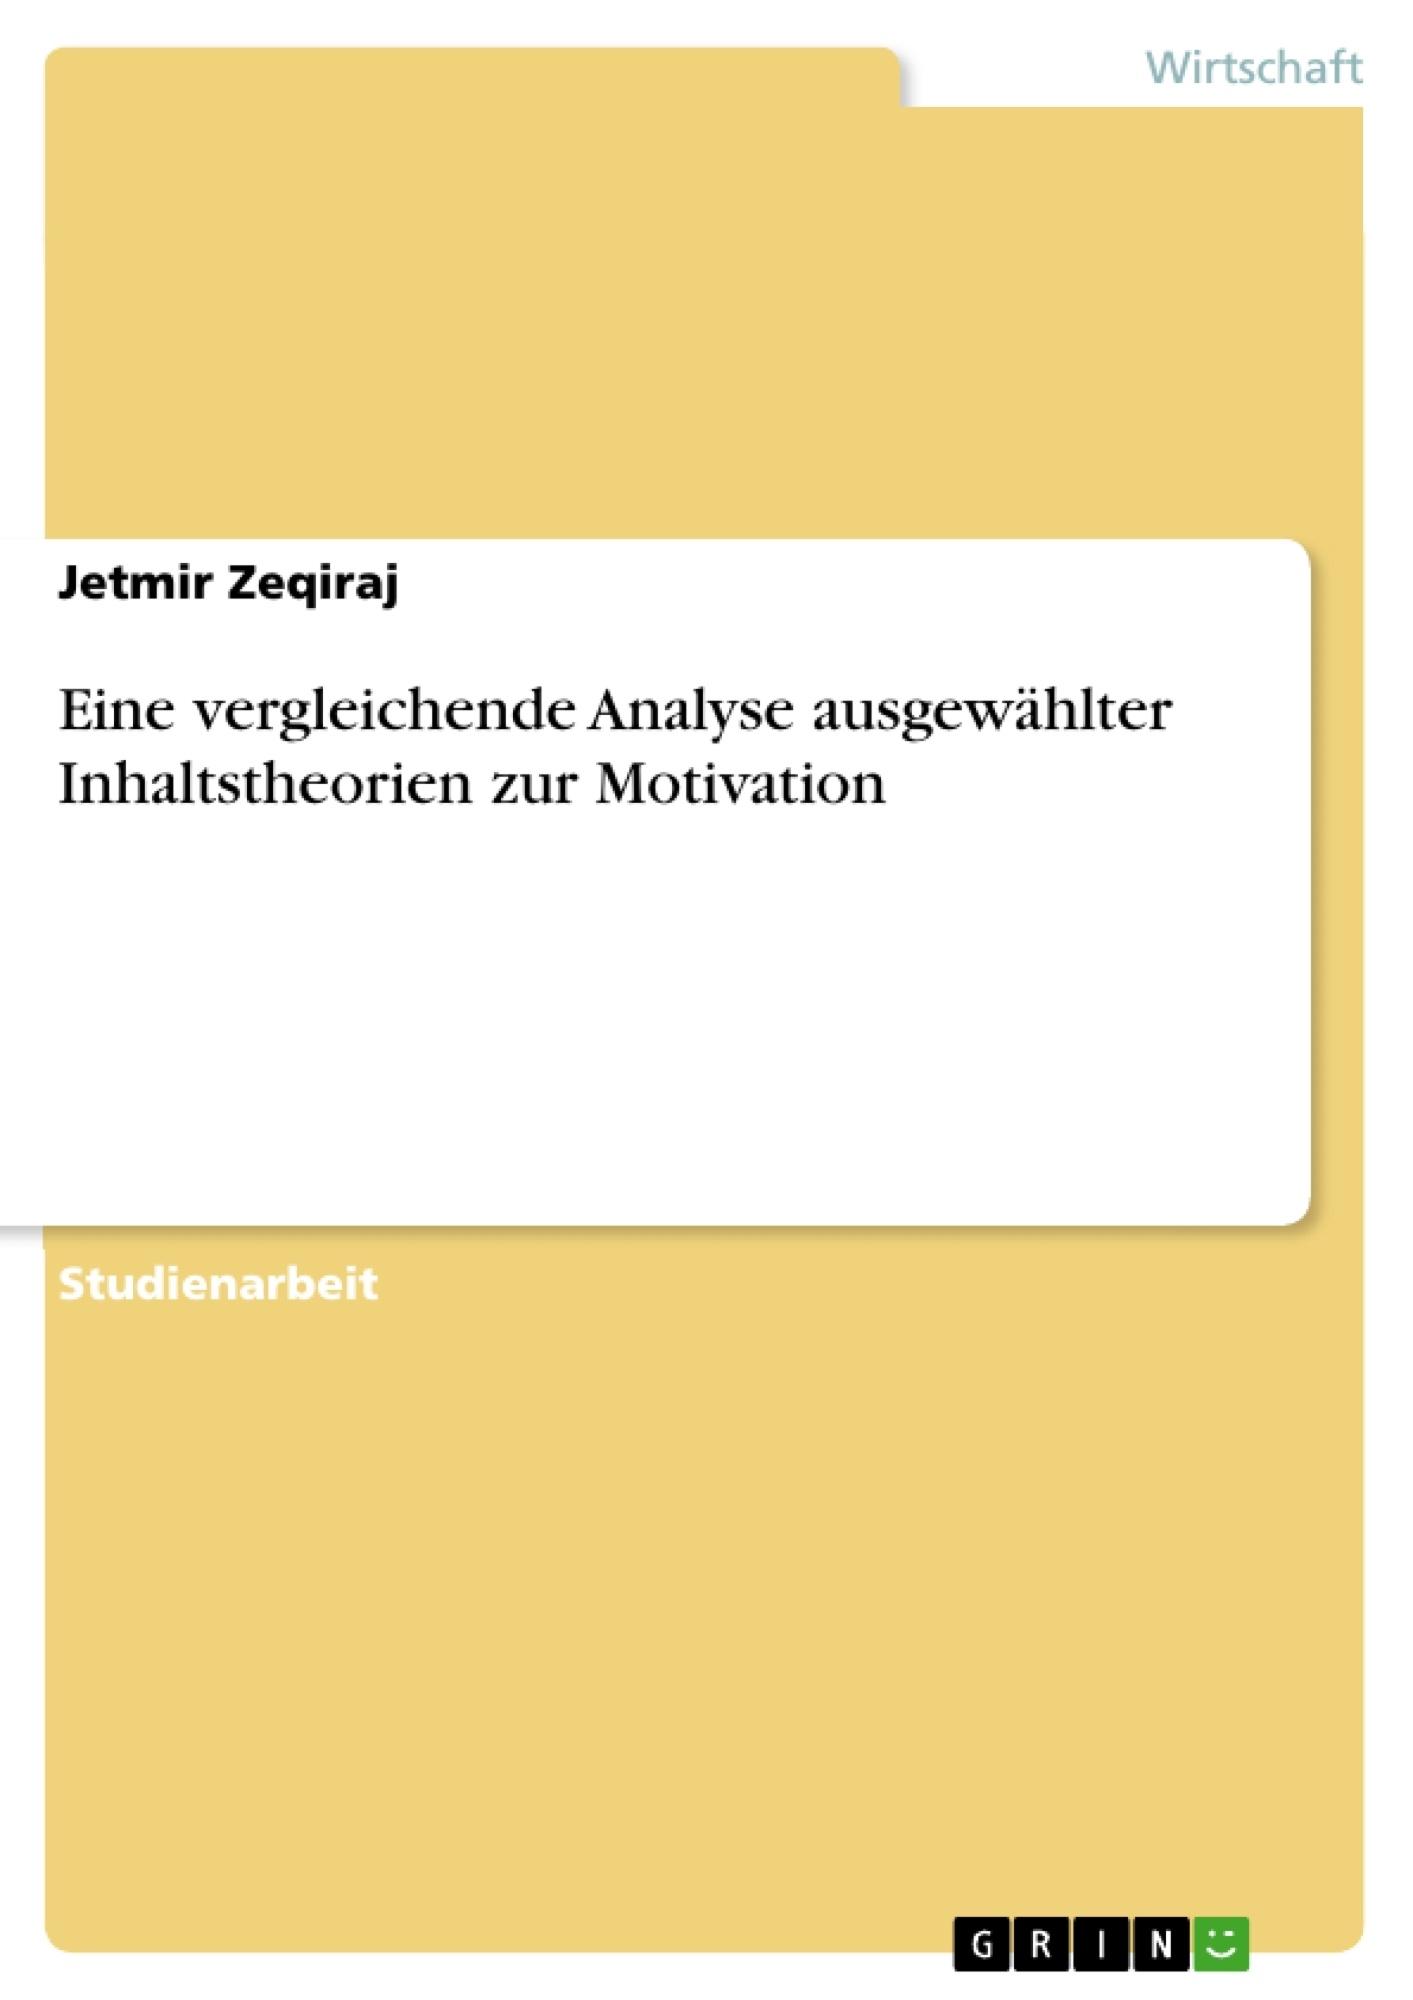 Titel: Eine vergleichende Analyse ausgewählter Inhaltstheorien zur Motivation